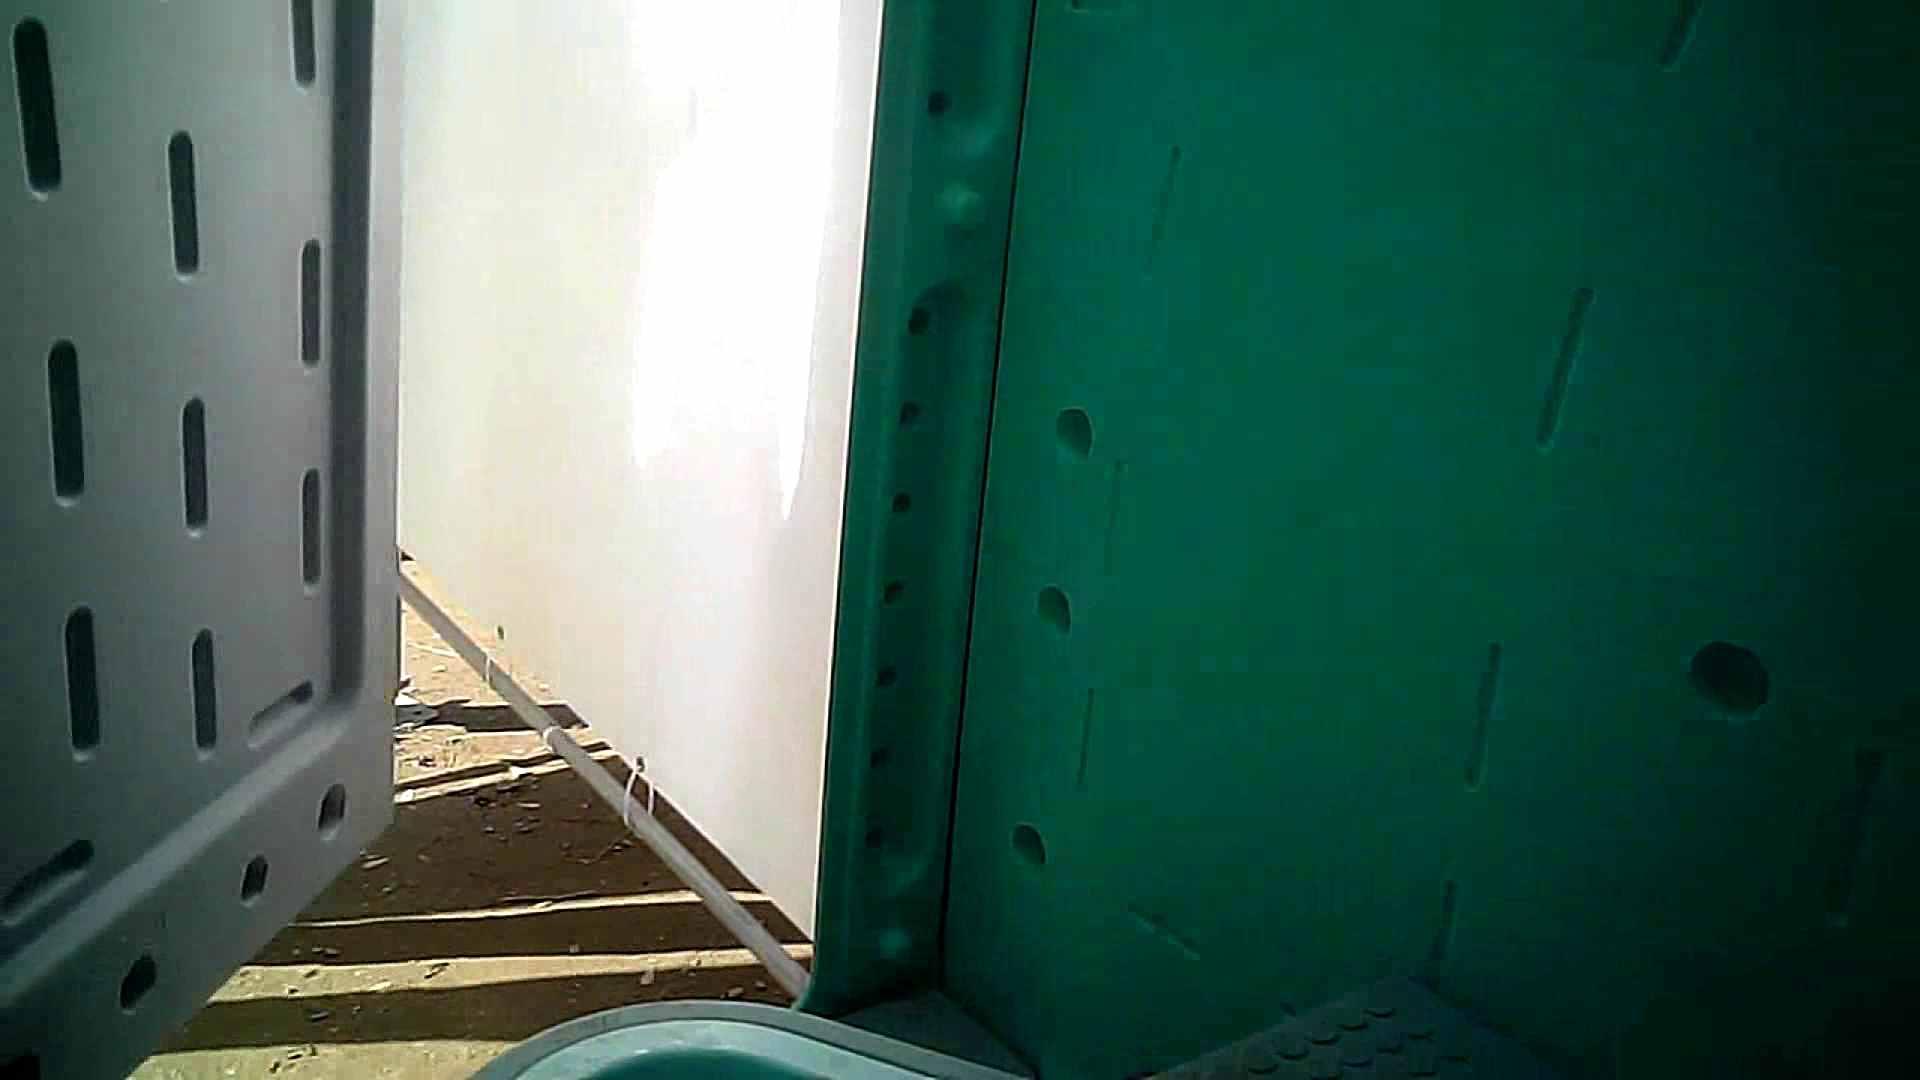 トイレ盗撮|痴態洗面所 Vol.09 美女系、清楚系、ギャル系、時々祭り系??|怪盗ジョーカー